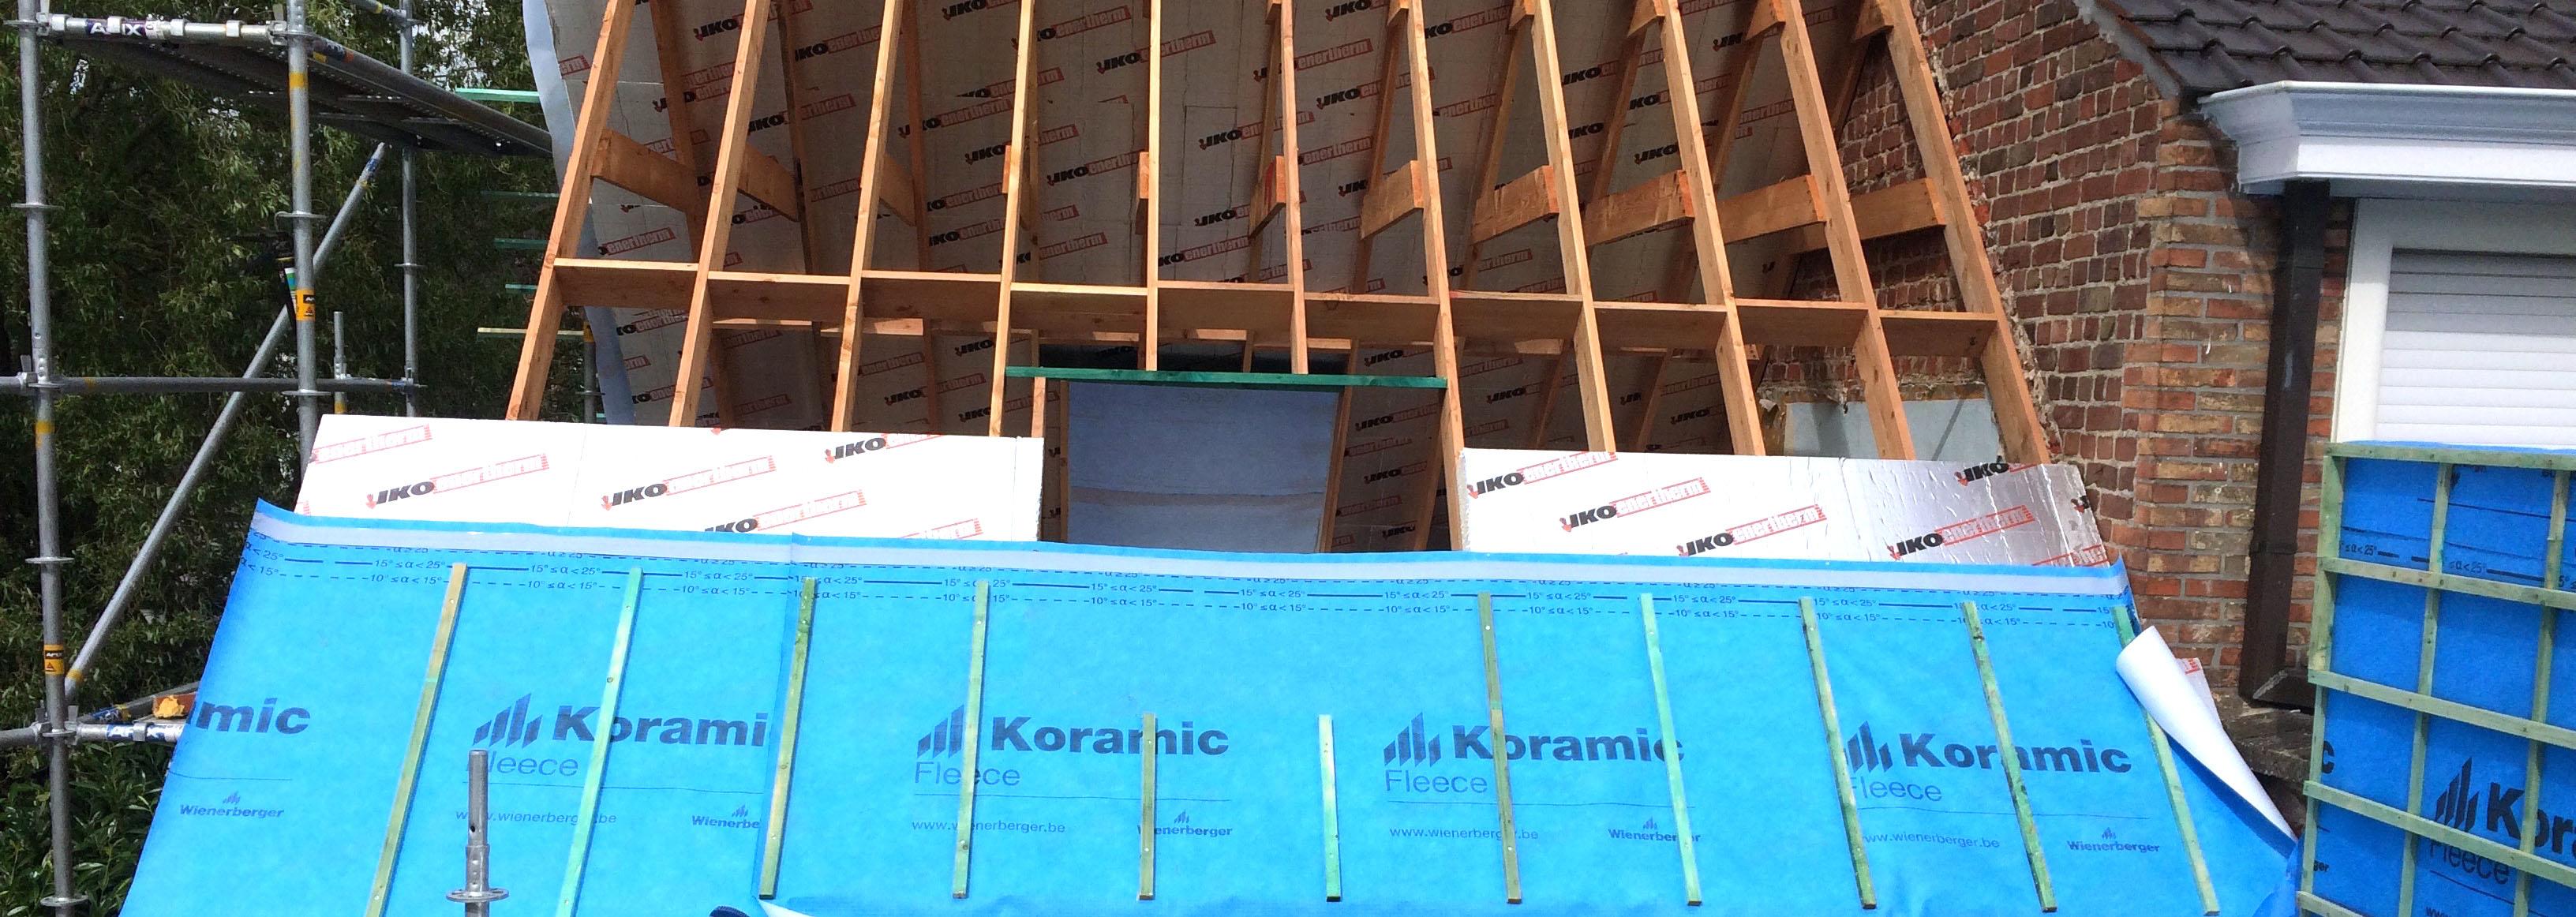 Dakwerken - Nico Desmet - sarkindaken - renovatie, bouwen, verbouwen